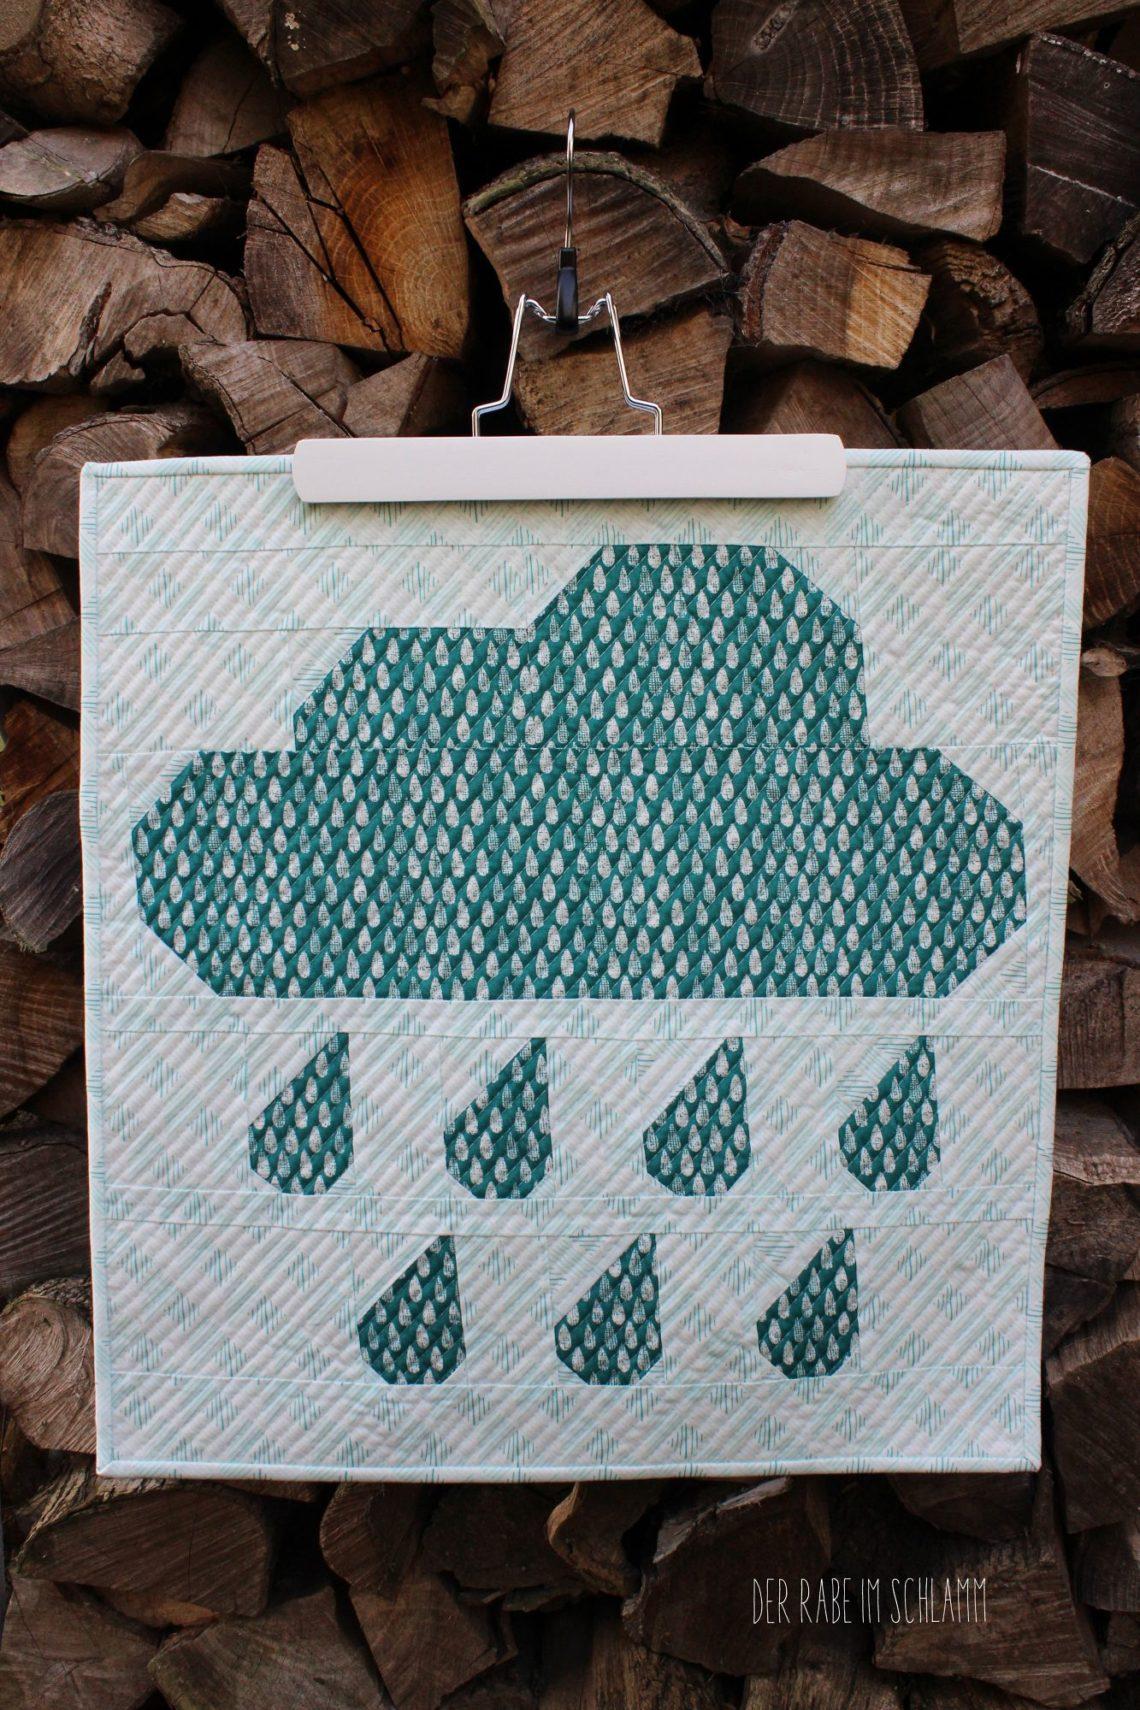 Der Rabe im Schlamm, Miniquilt, Rainy Days, ellis & higgs, Quilt